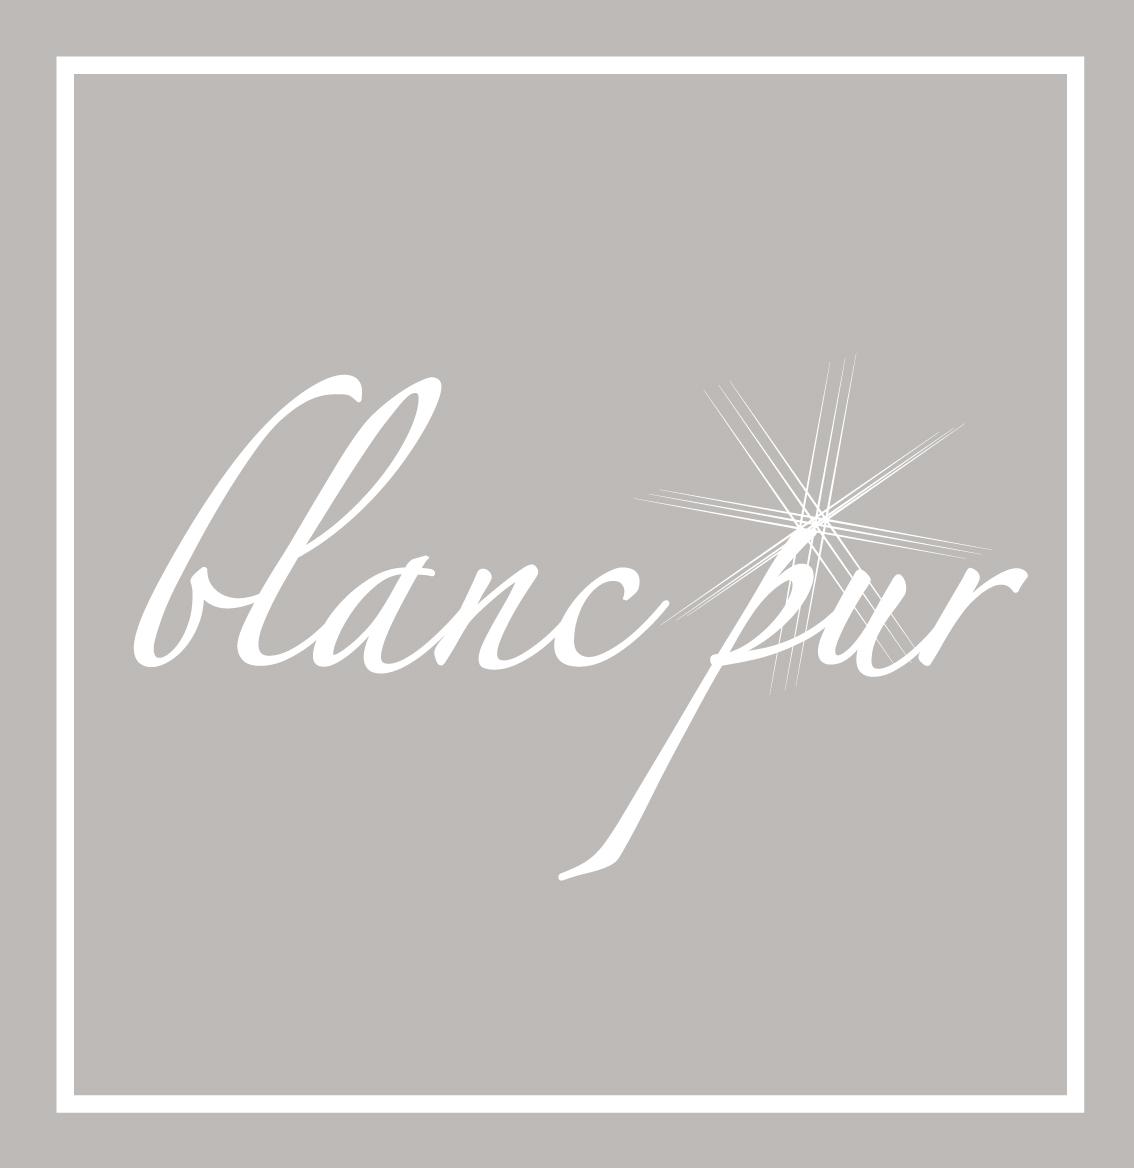 ピアノ&お花雑貨*blanc pur*